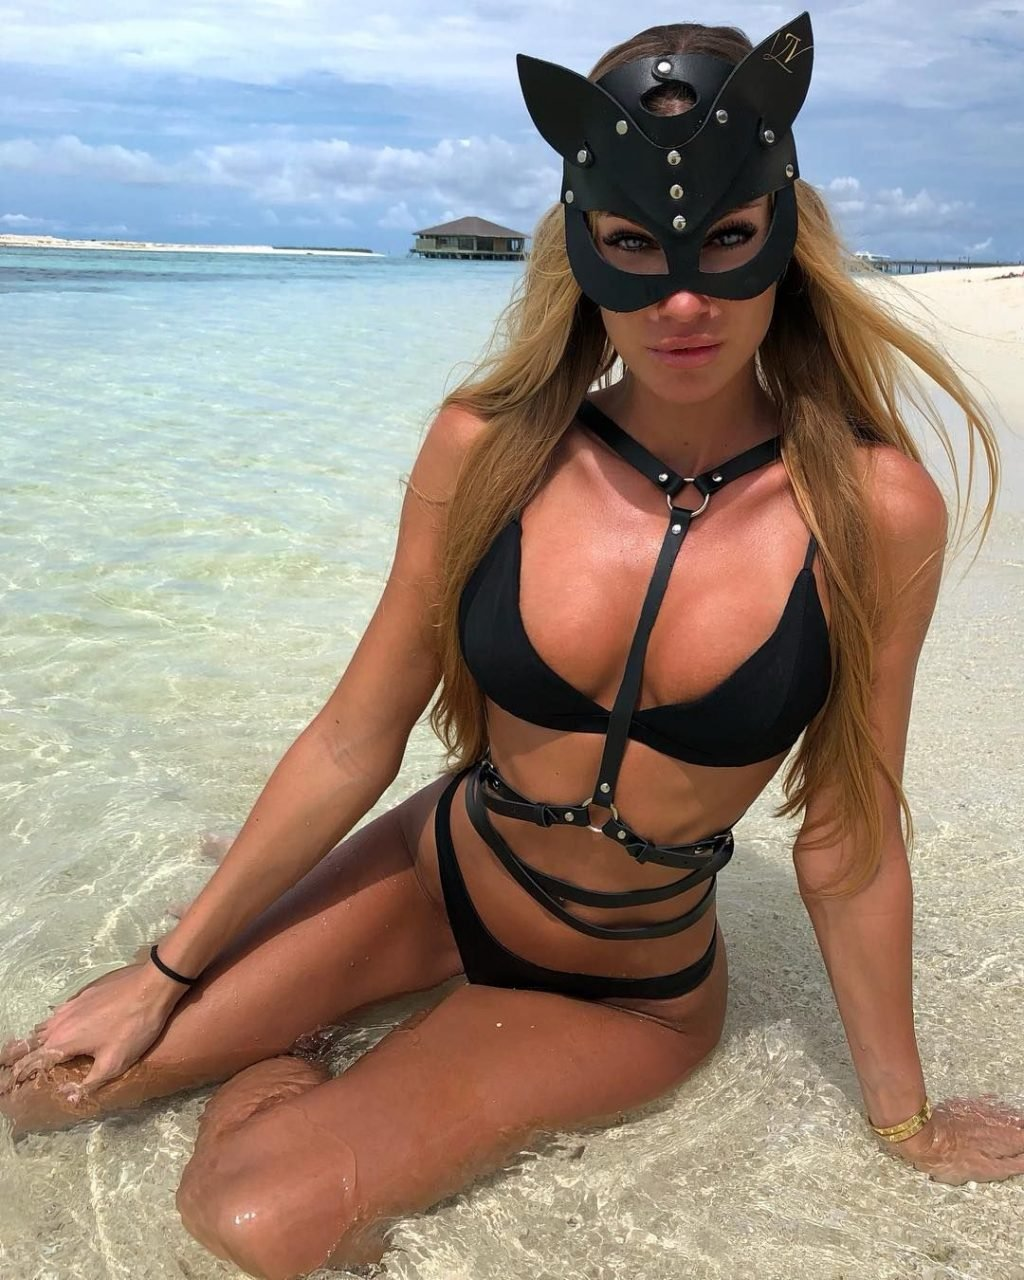 Taylor Mega See Through & Sexy (50 Photos)